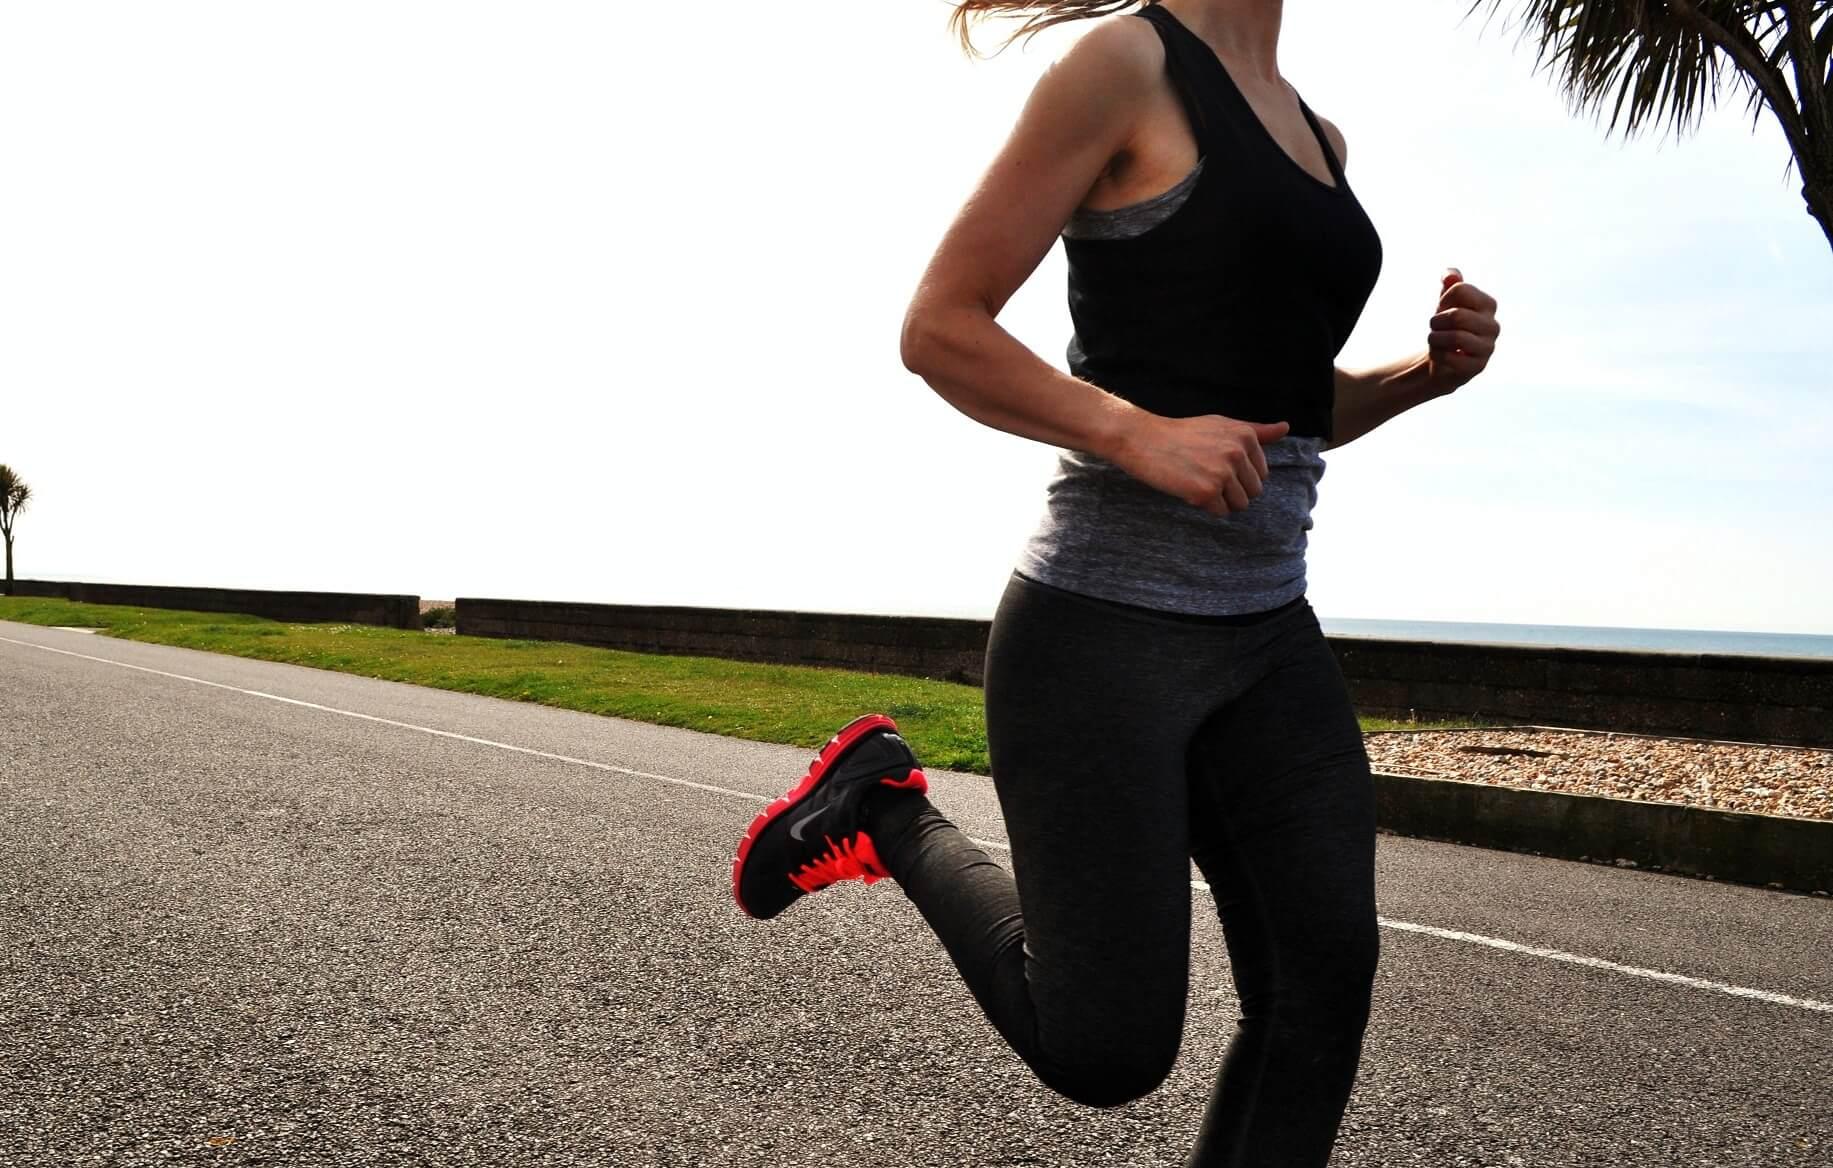 Как Сбросить Лишний Вес Бег. Как правильно начать бегать, чтобы похудеть: программа тренировок на 4 недели с нуля до результата